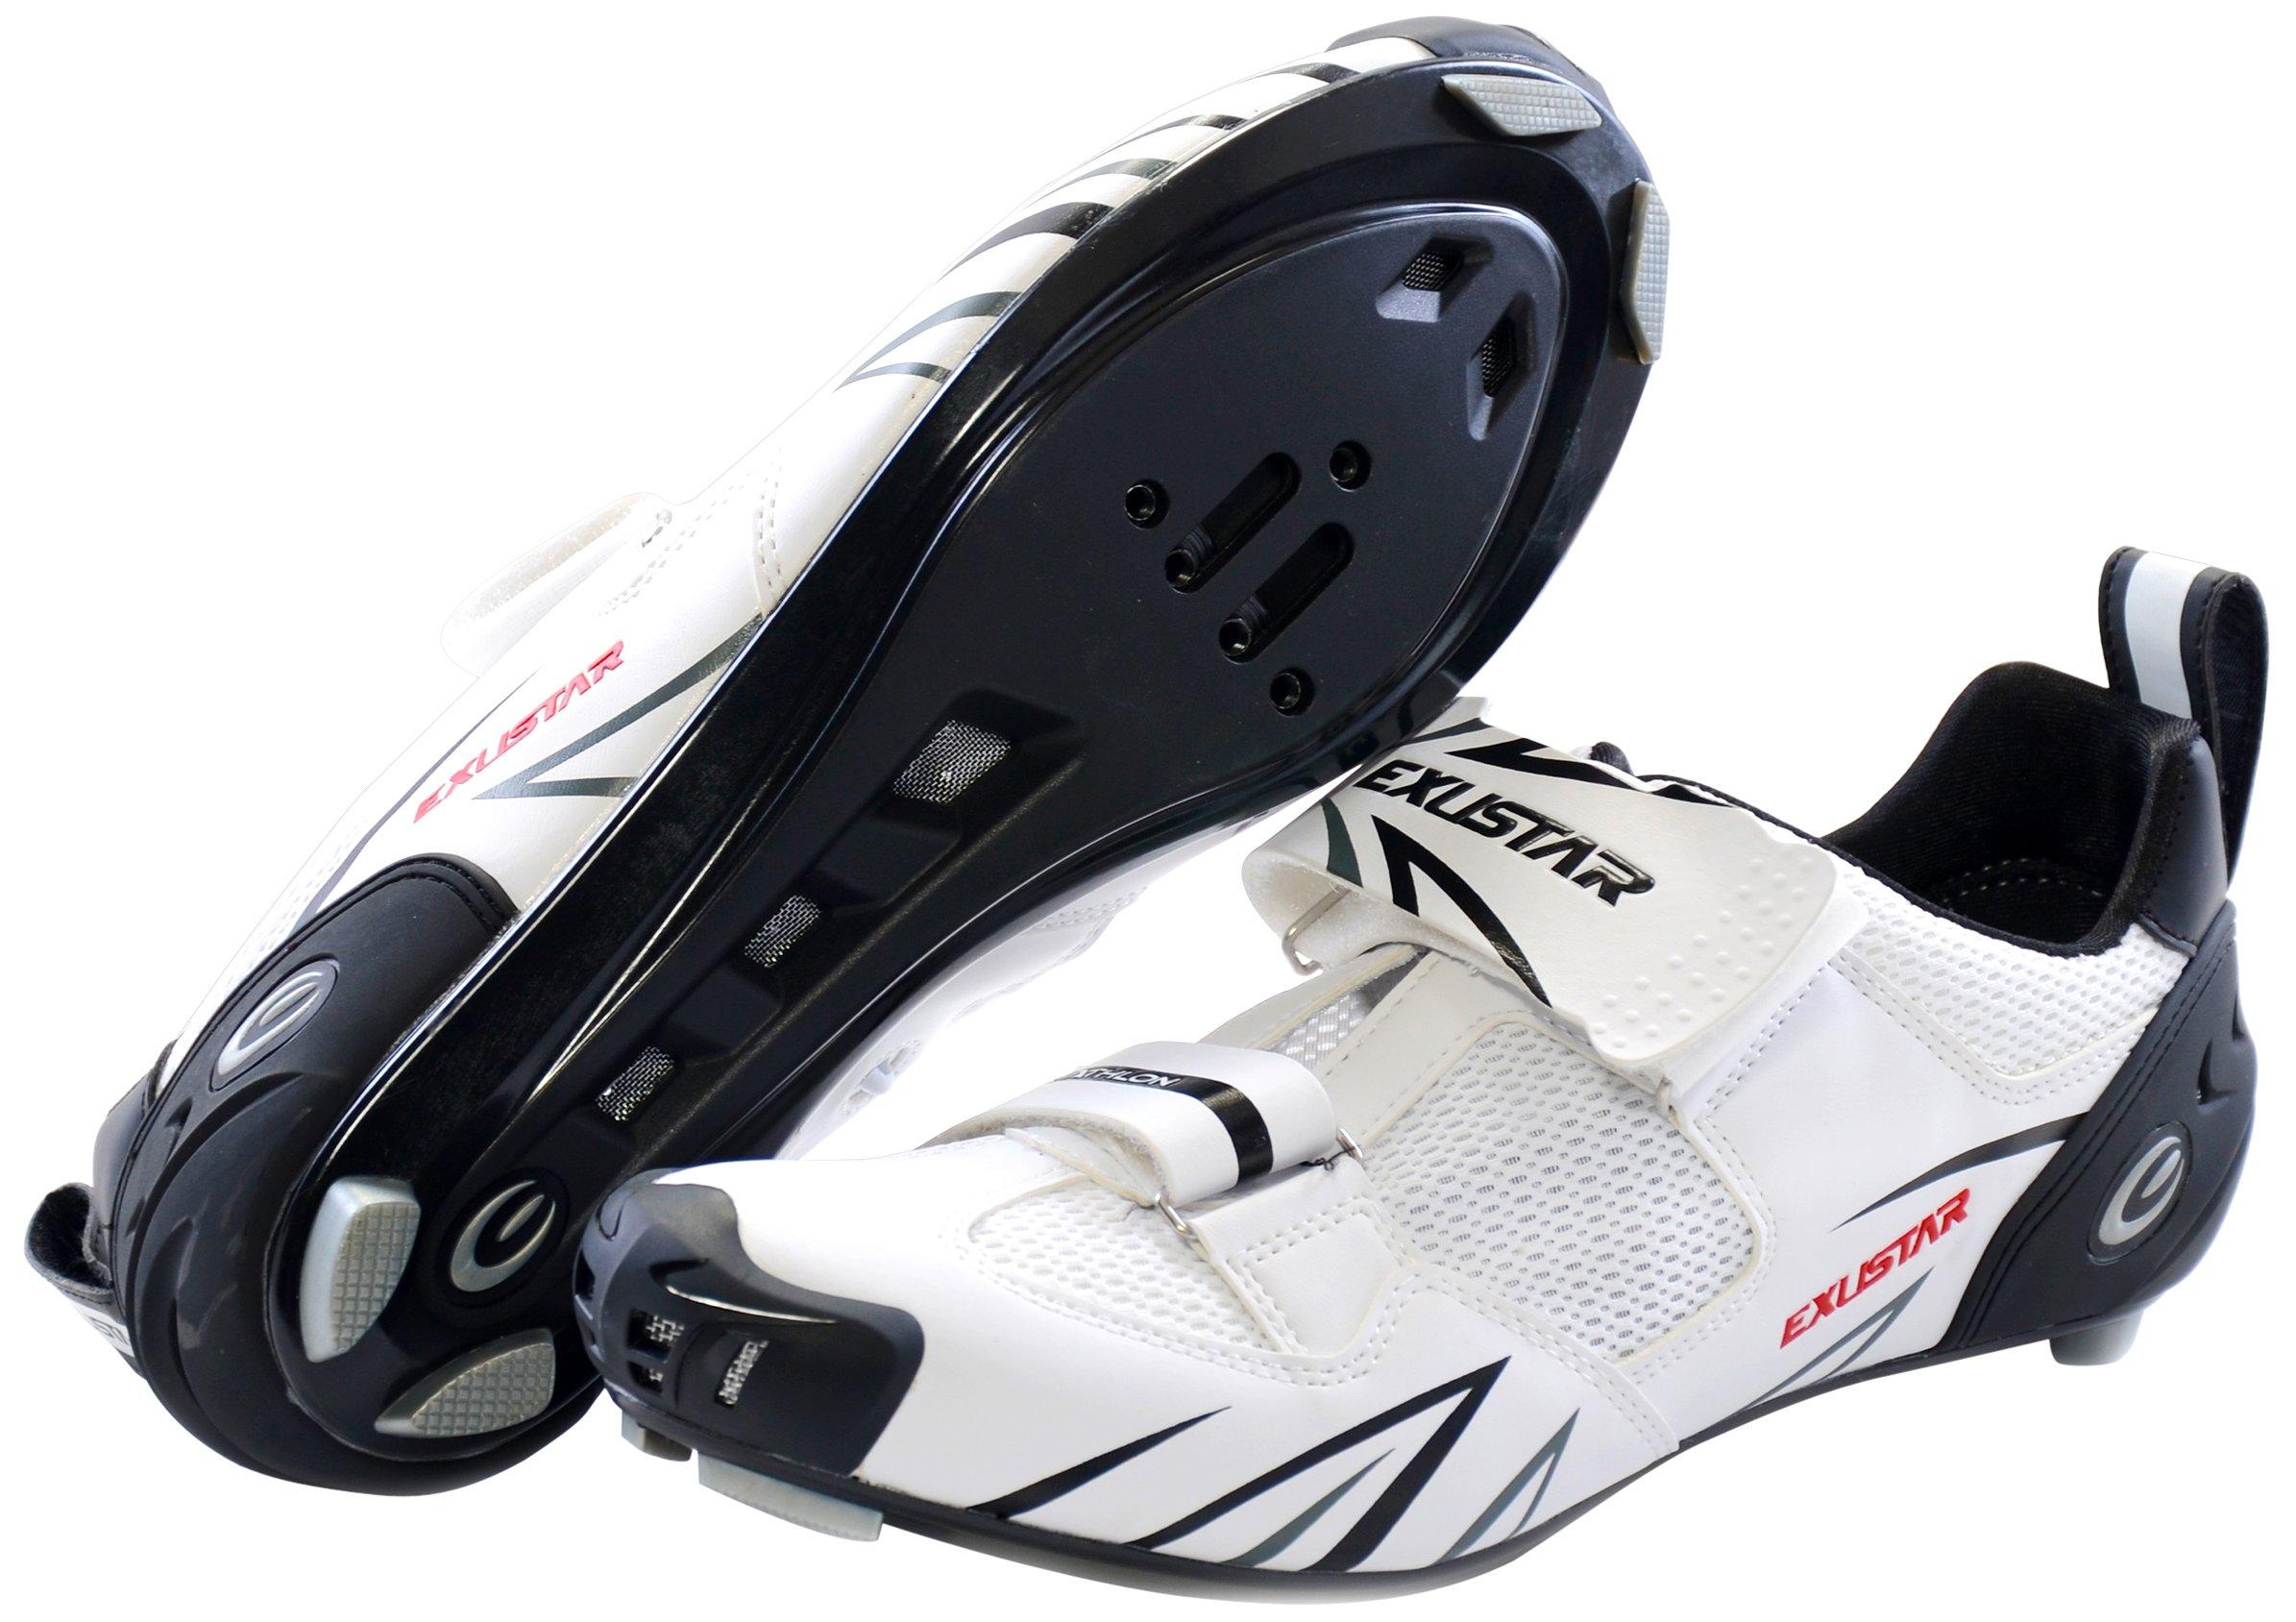 Exustar E-ST951 Triathlon Shoe, White, 39 Euro/6.5 US